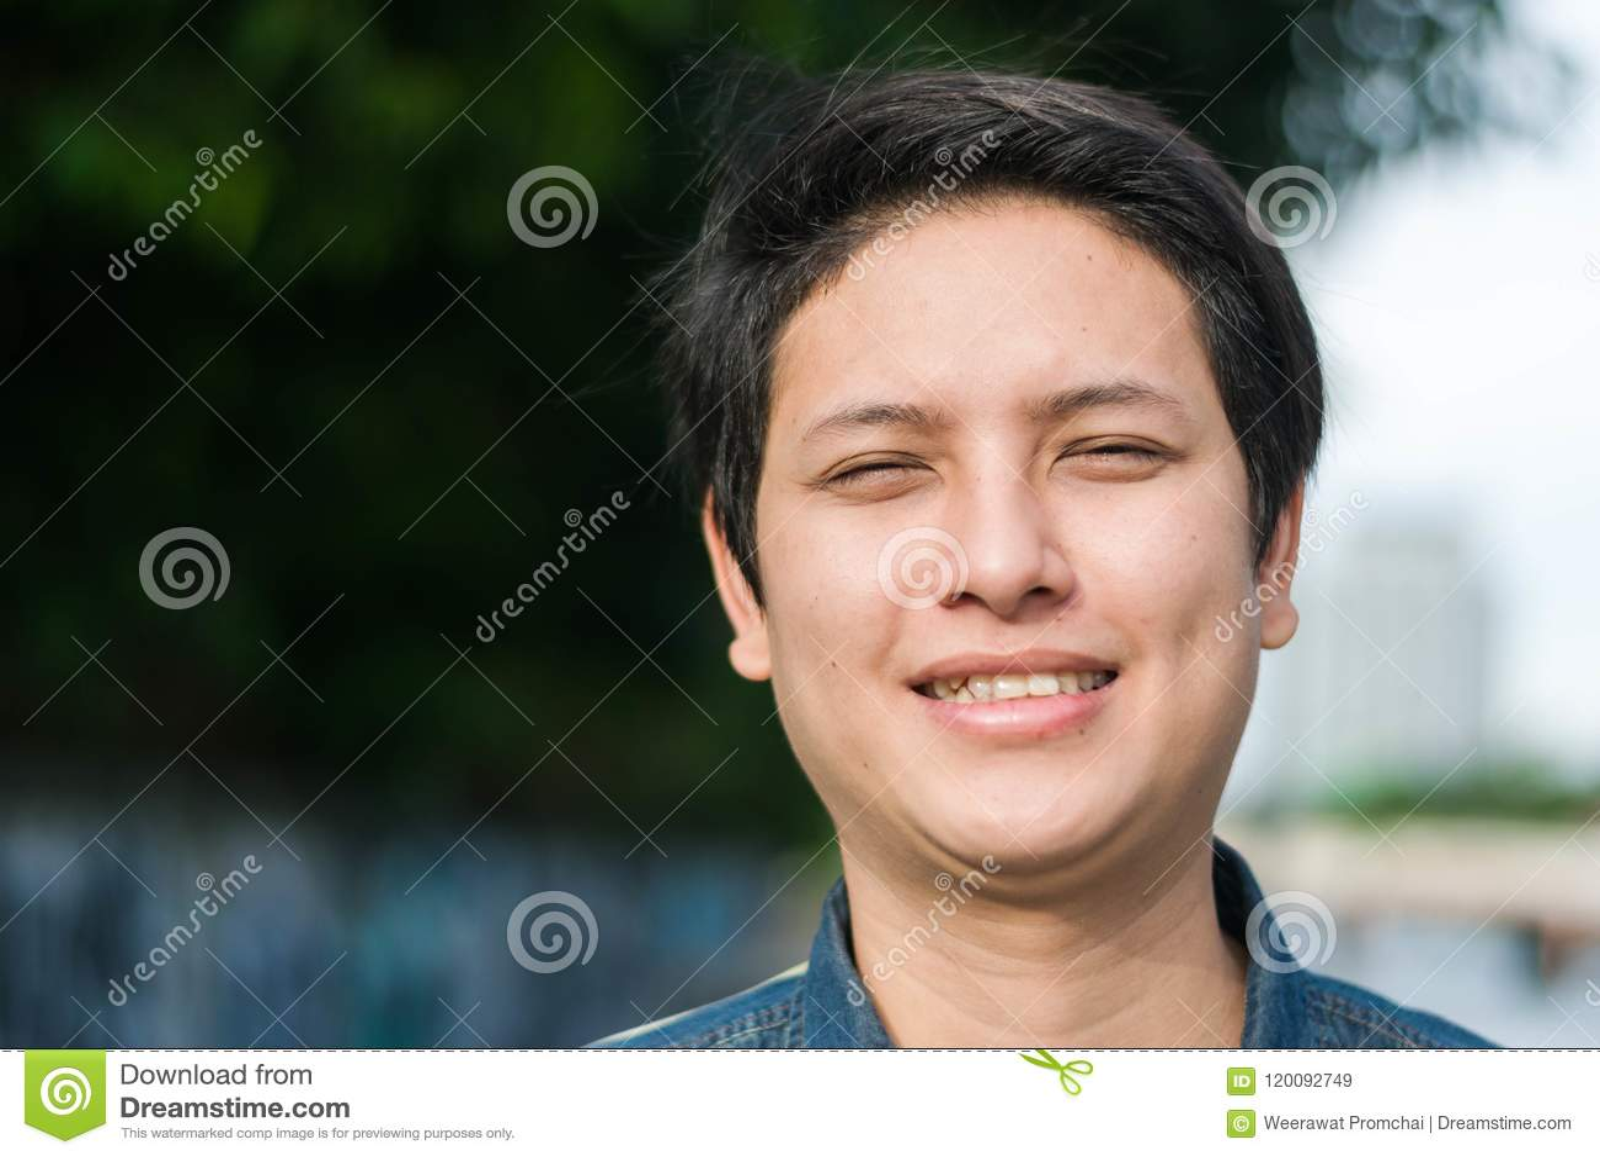 Ασιατικό άτομο που στέκεται και που παρουσιάζει ευτυχές χαμόγελό του